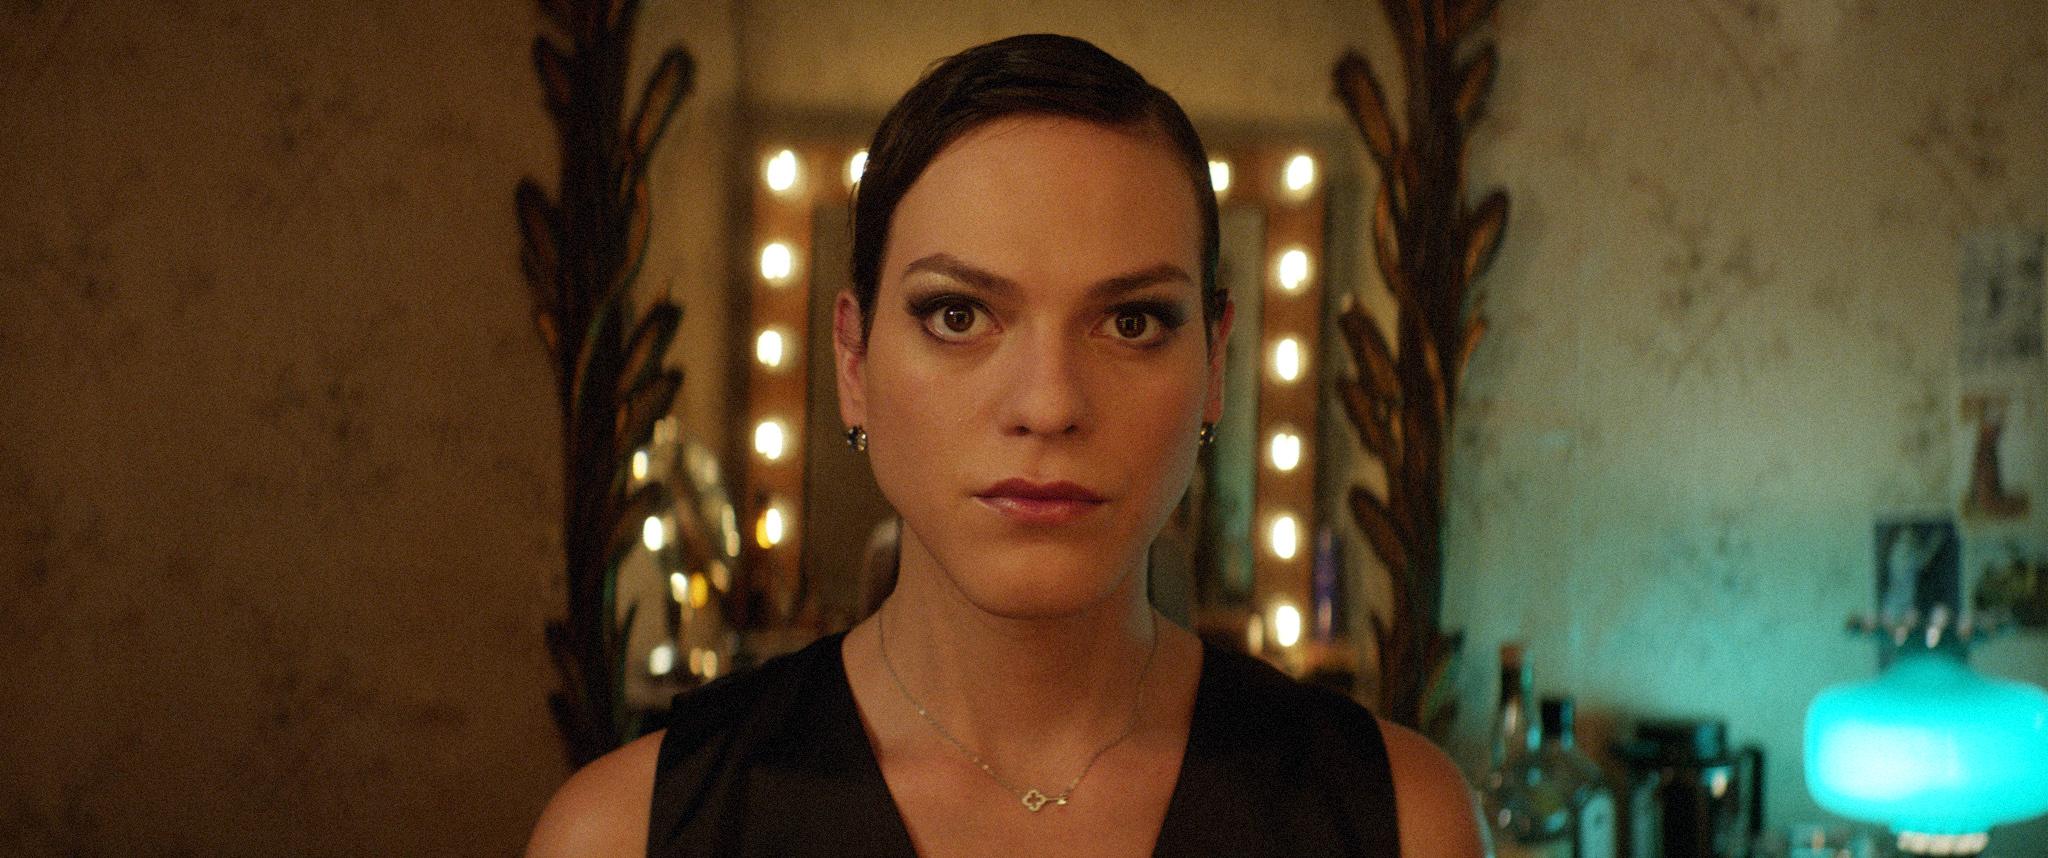 - Når jeg ser deg, vet jeg ikke hva jeg ser, snerrer Sonja til den transkjønnede Daniela (Daniela Vega) i  En fantastisk kvinne.